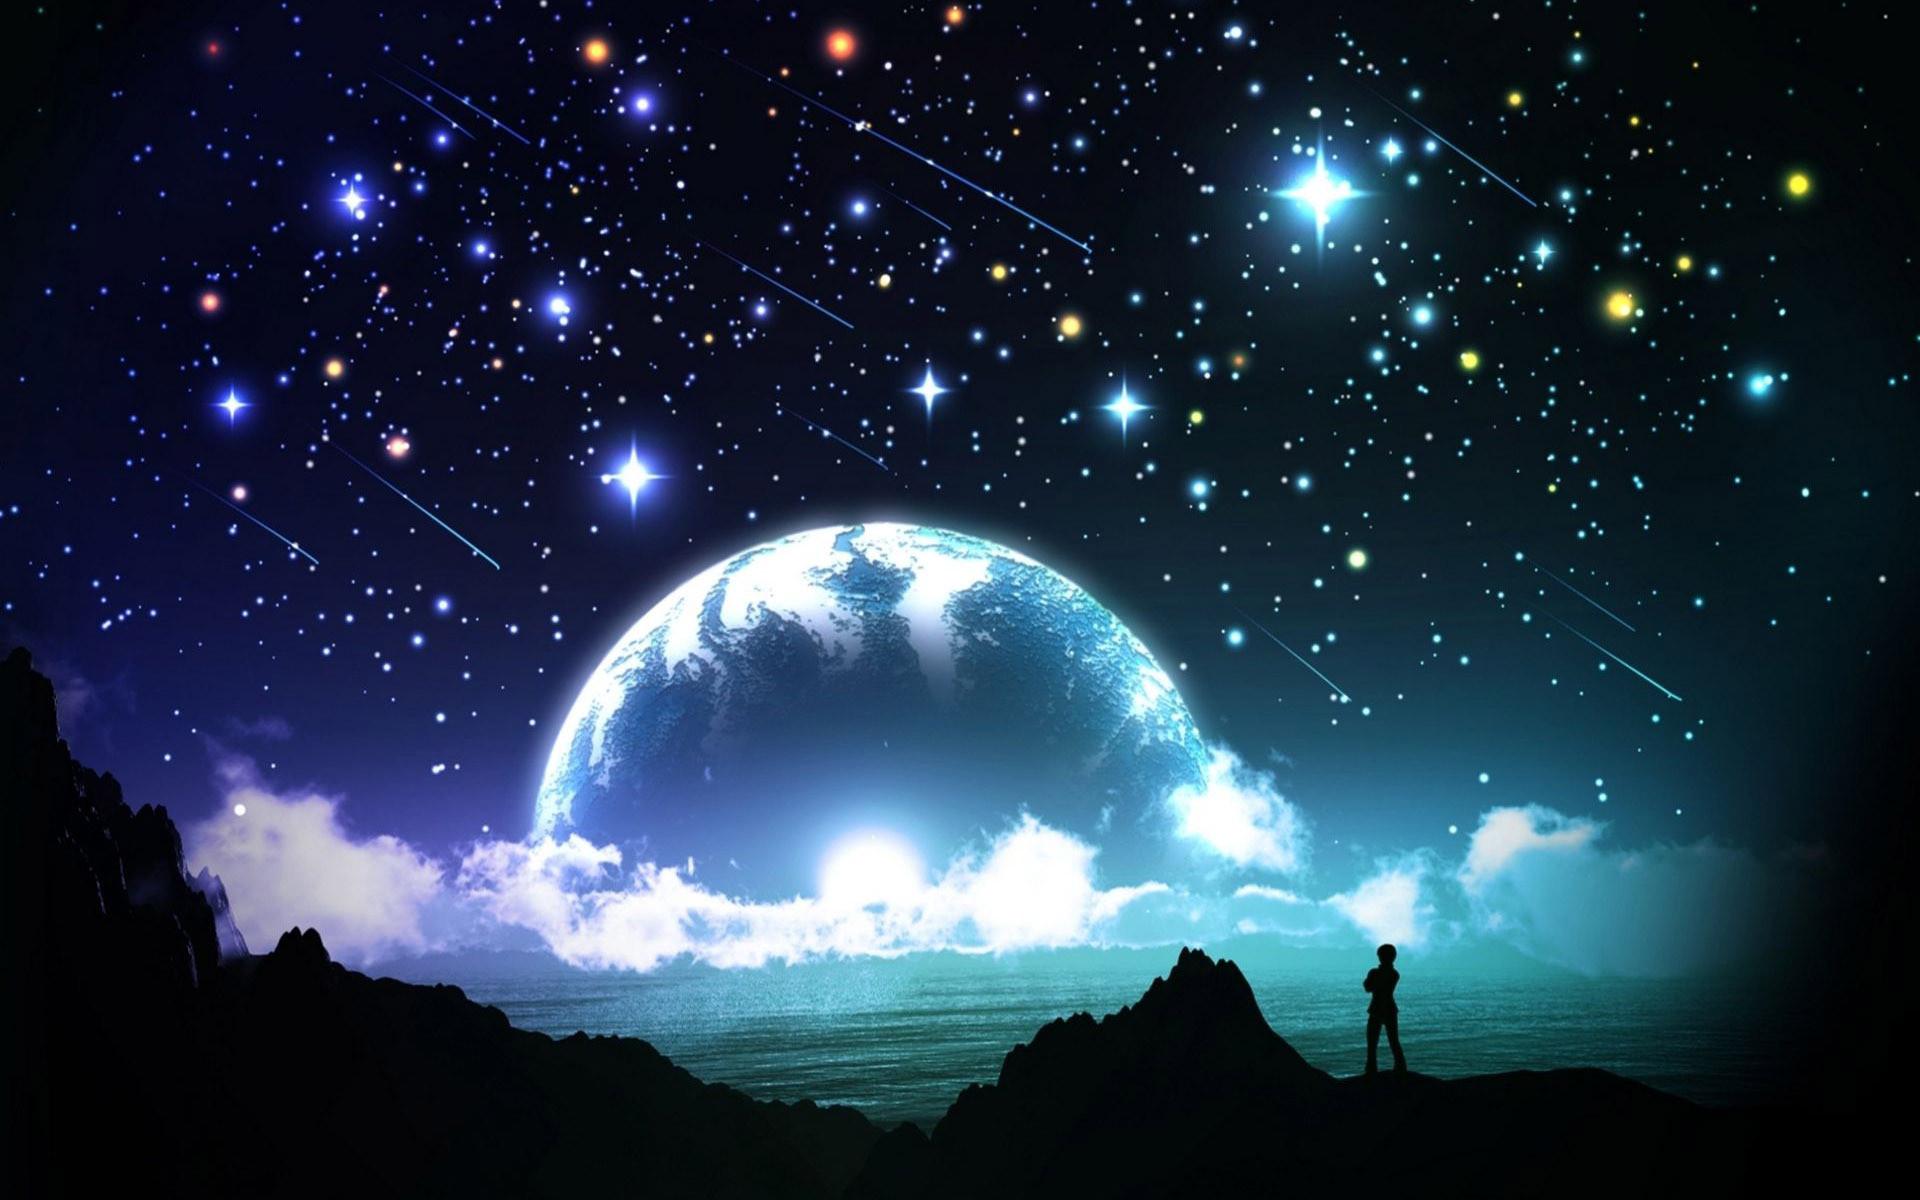 … Bright night sky